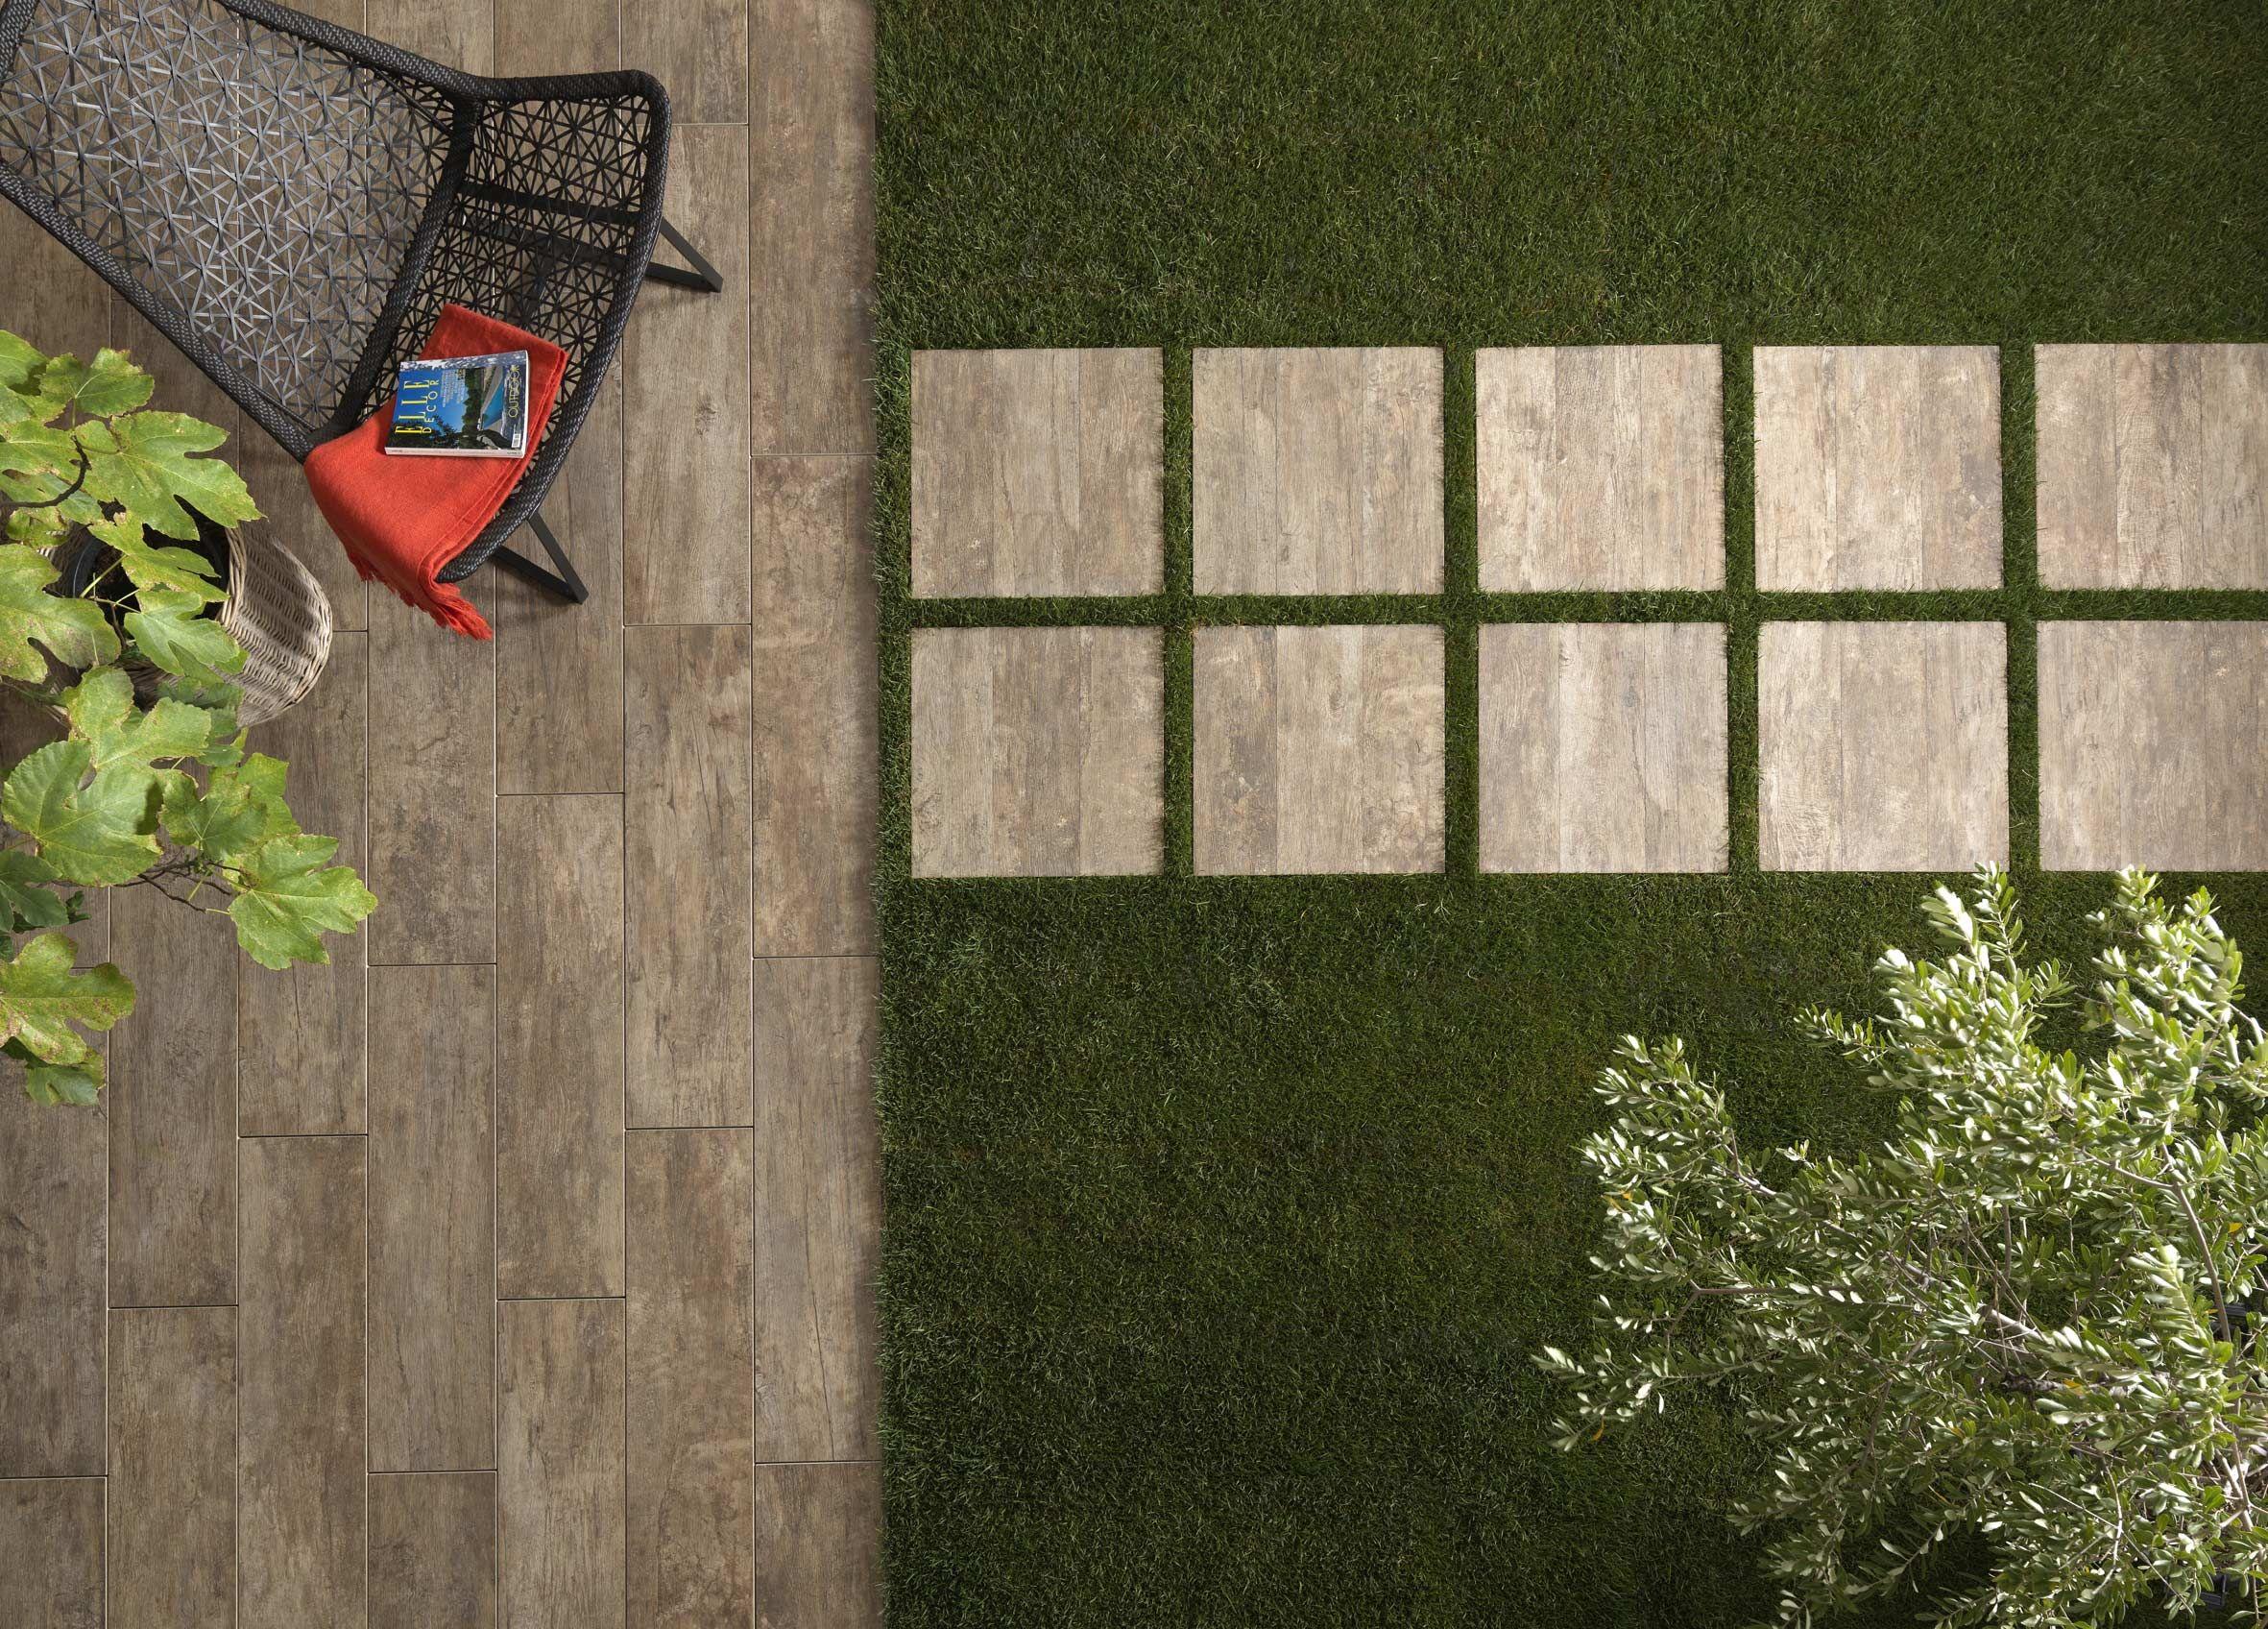 Tablon, Carrelage Bois Pour Extérieurs Et Terrasse #terrasse #carrelage  #tiles #exterieur